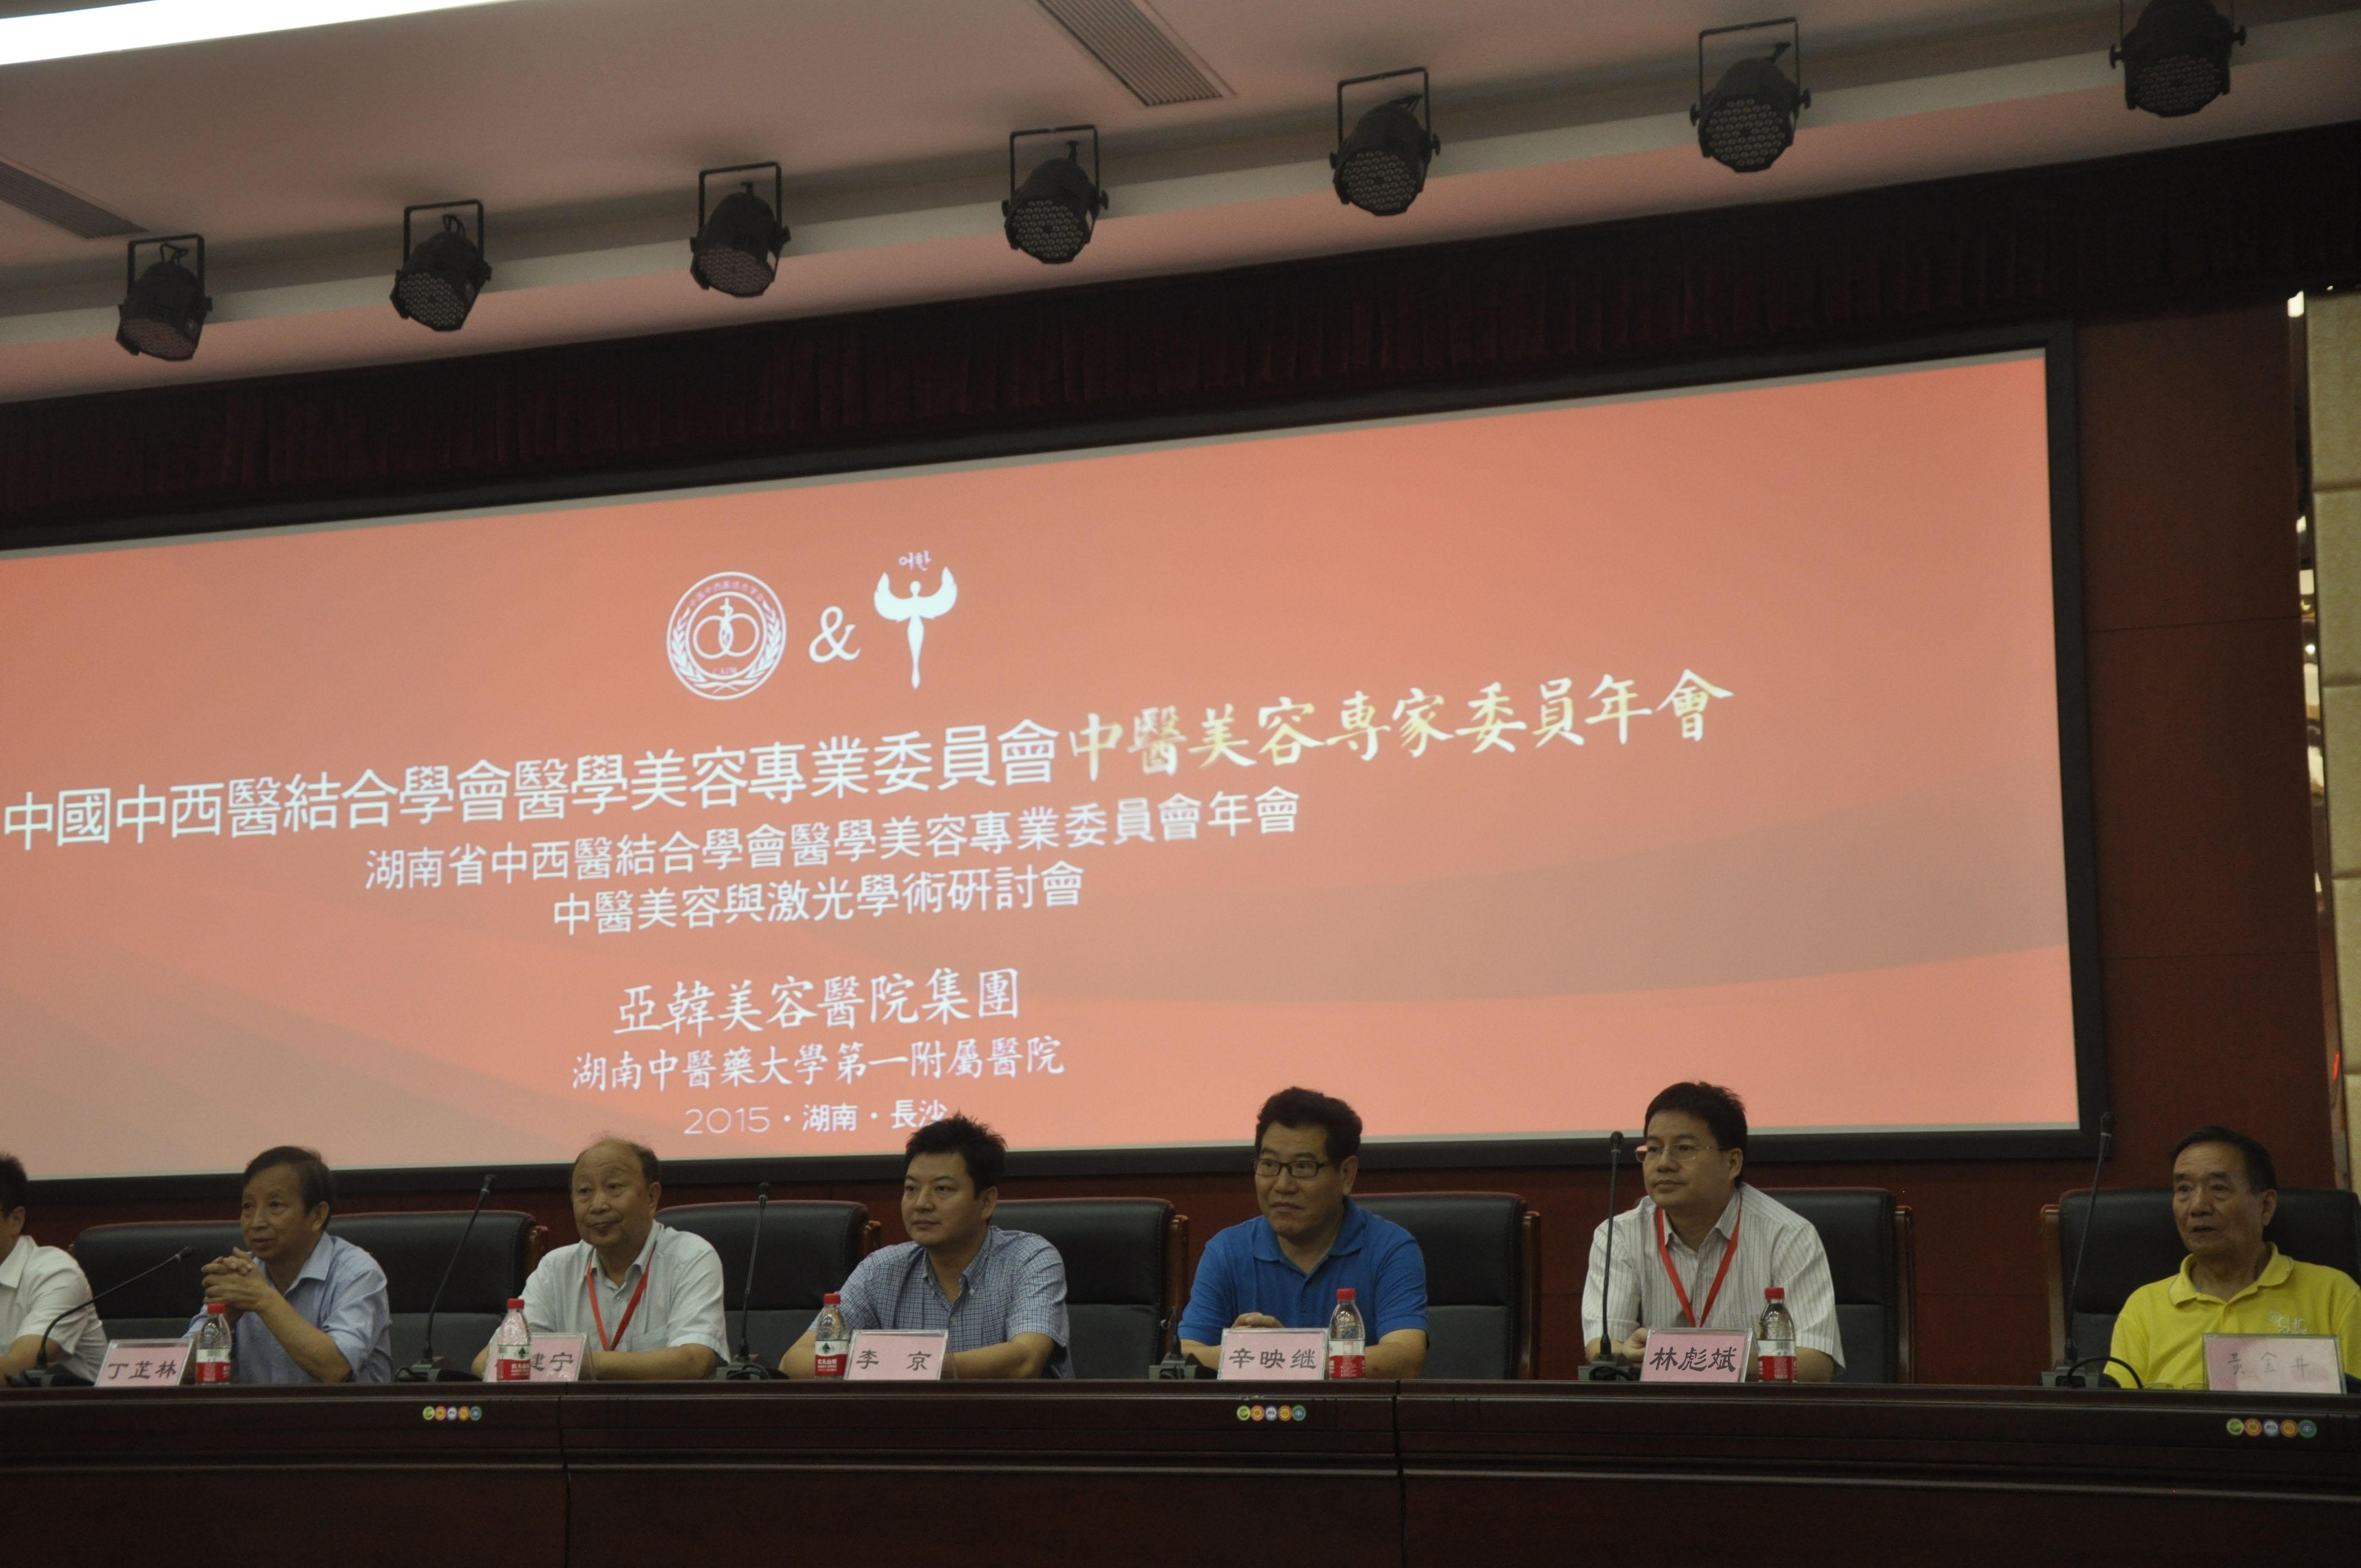 亚韩美容集团祝中医学术研讨会圆满成功